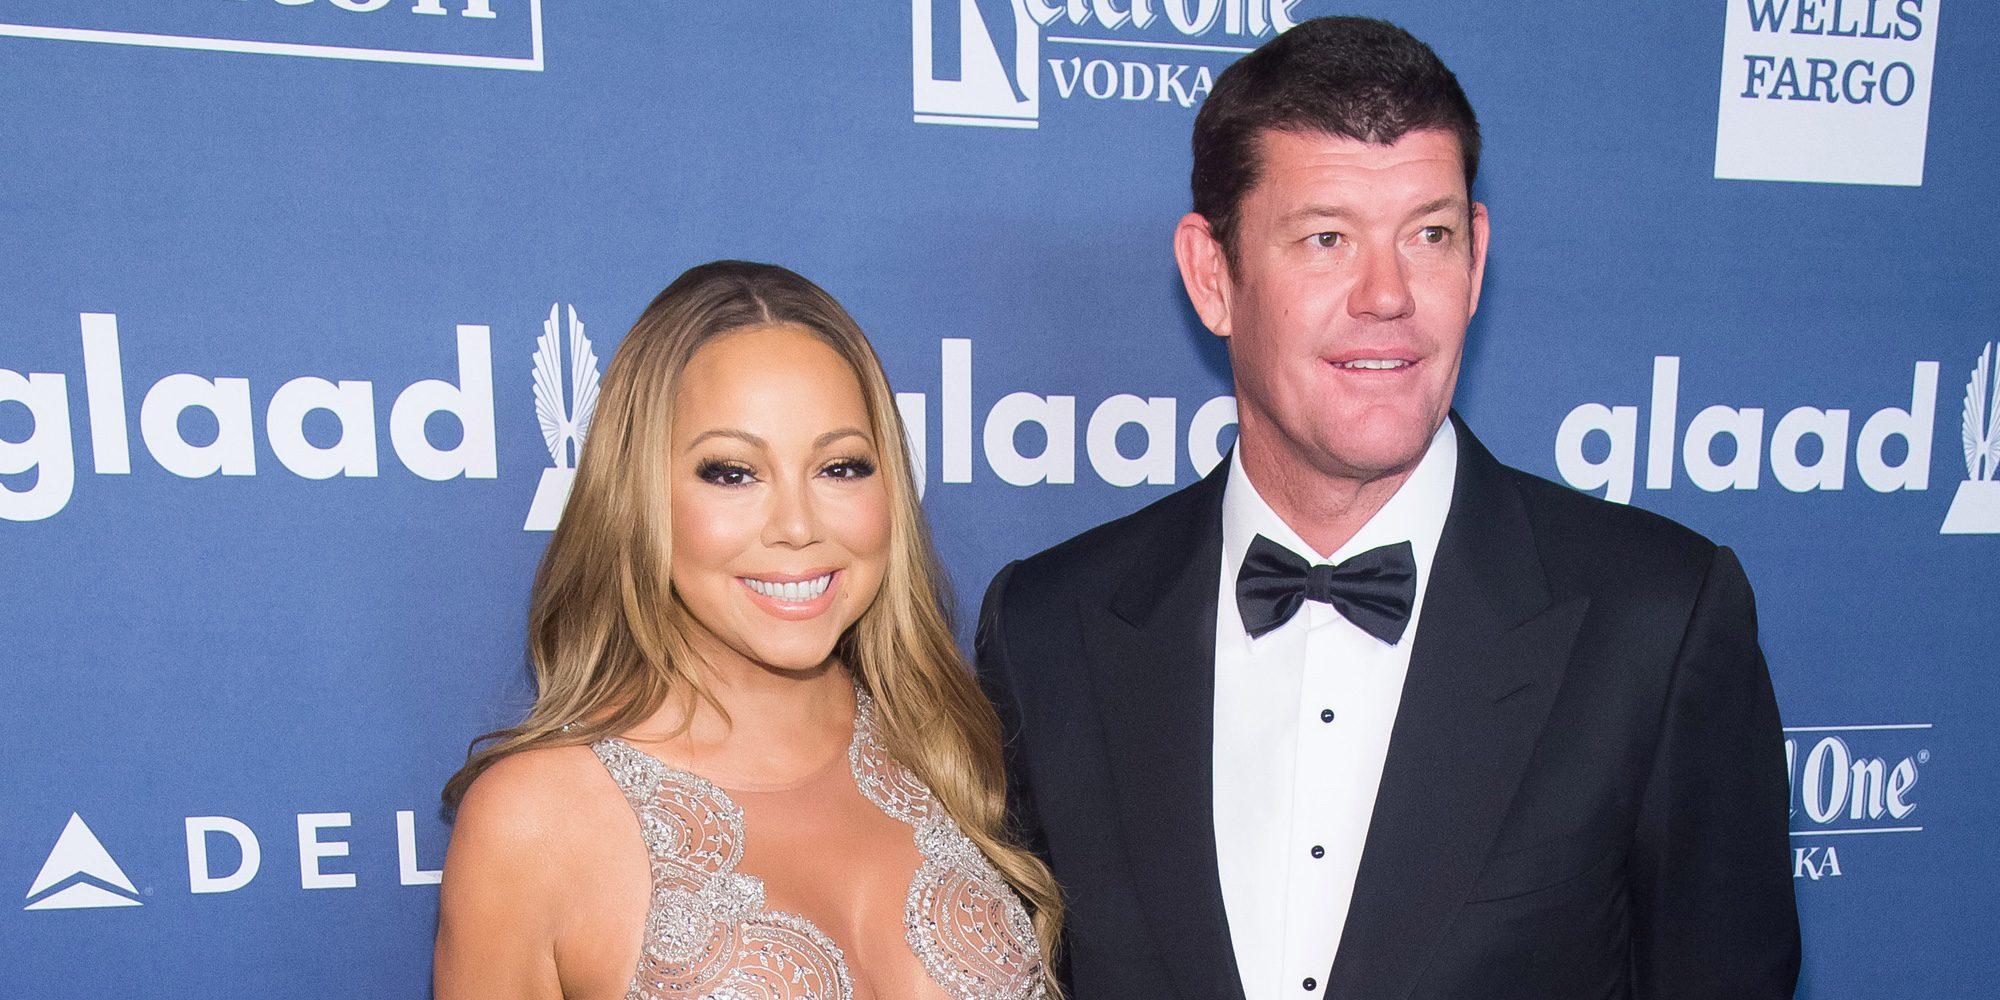 Una fuerte discusión por los celos de James Packer con un bailarín de Mariah Carey acabó con su noviazgo